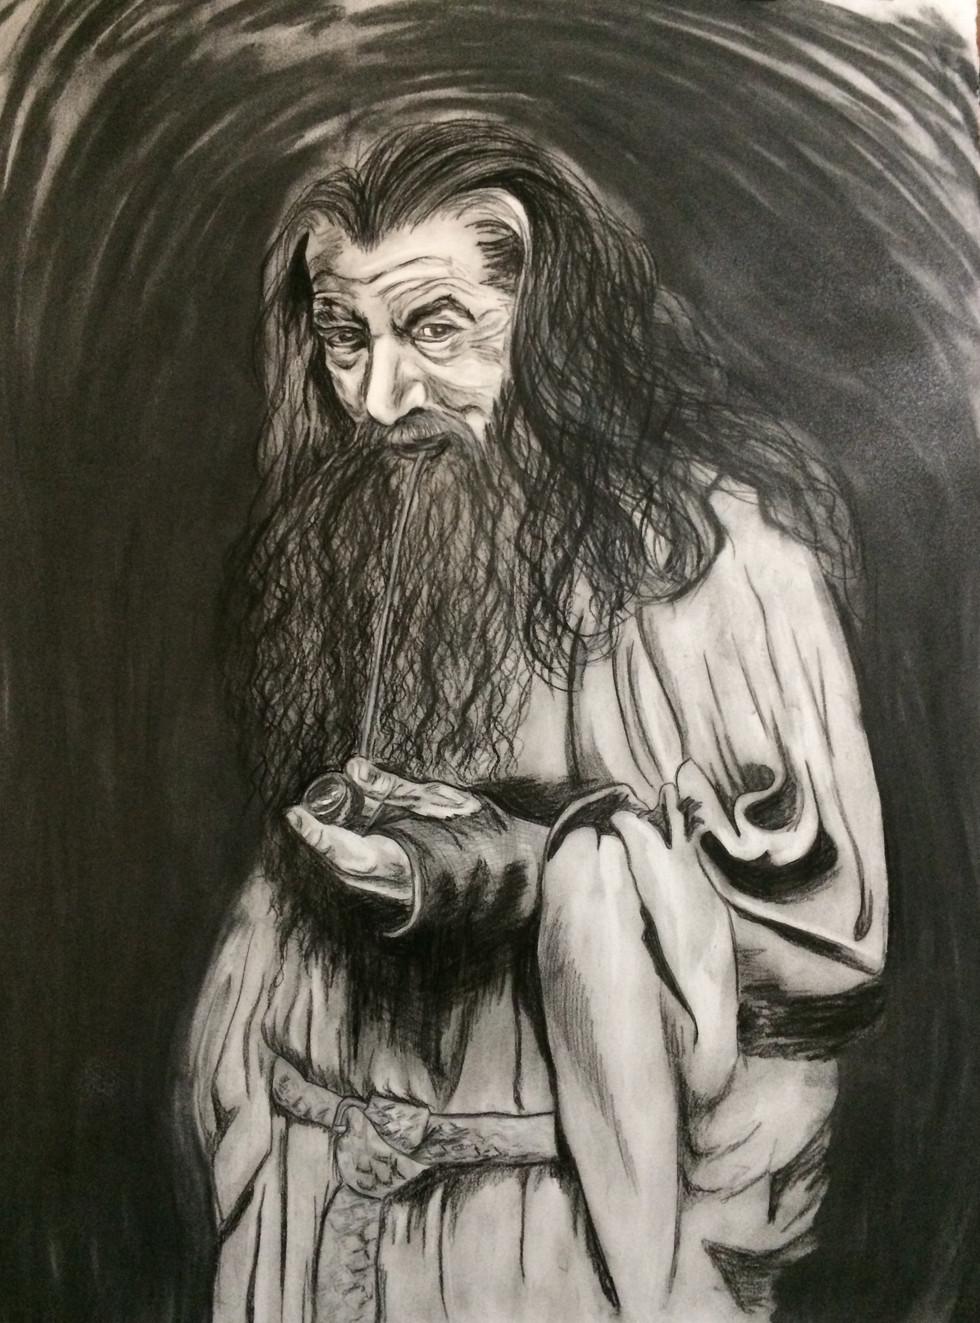 Gandalf the Grey Fan Art